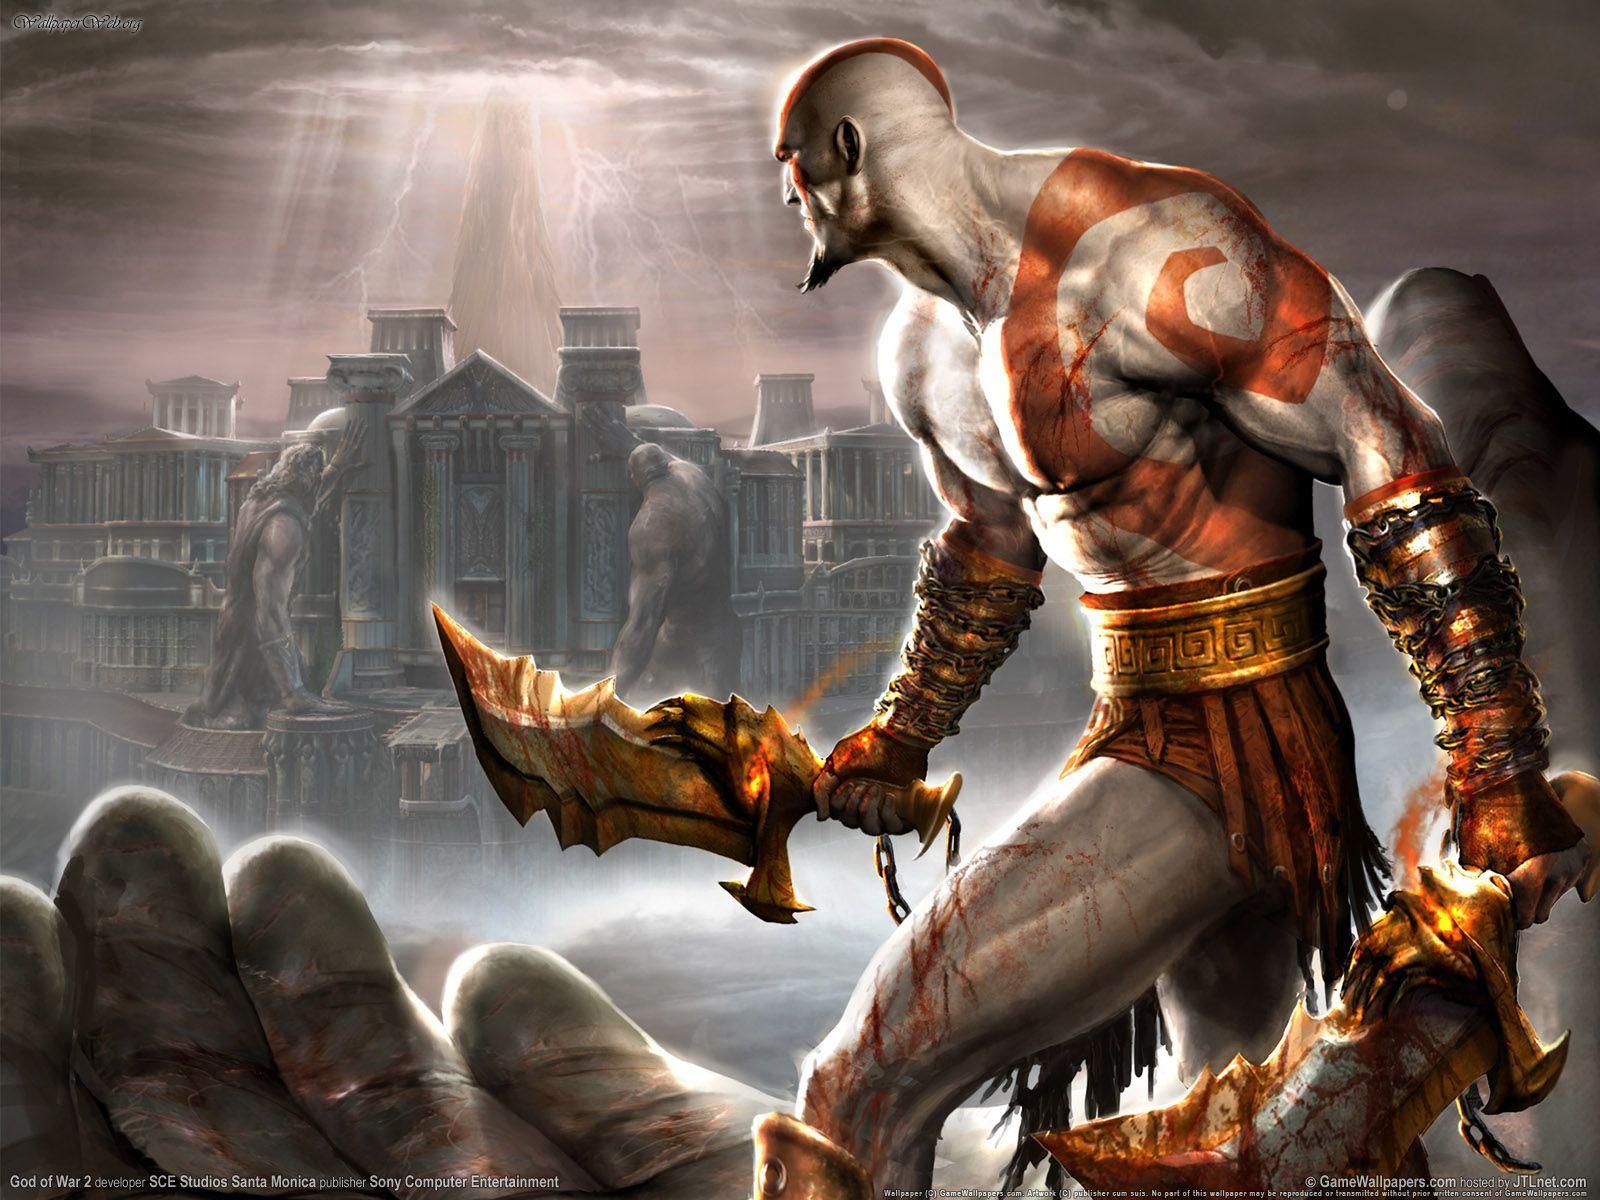 God of War: Ascension releases a Live Action teaser